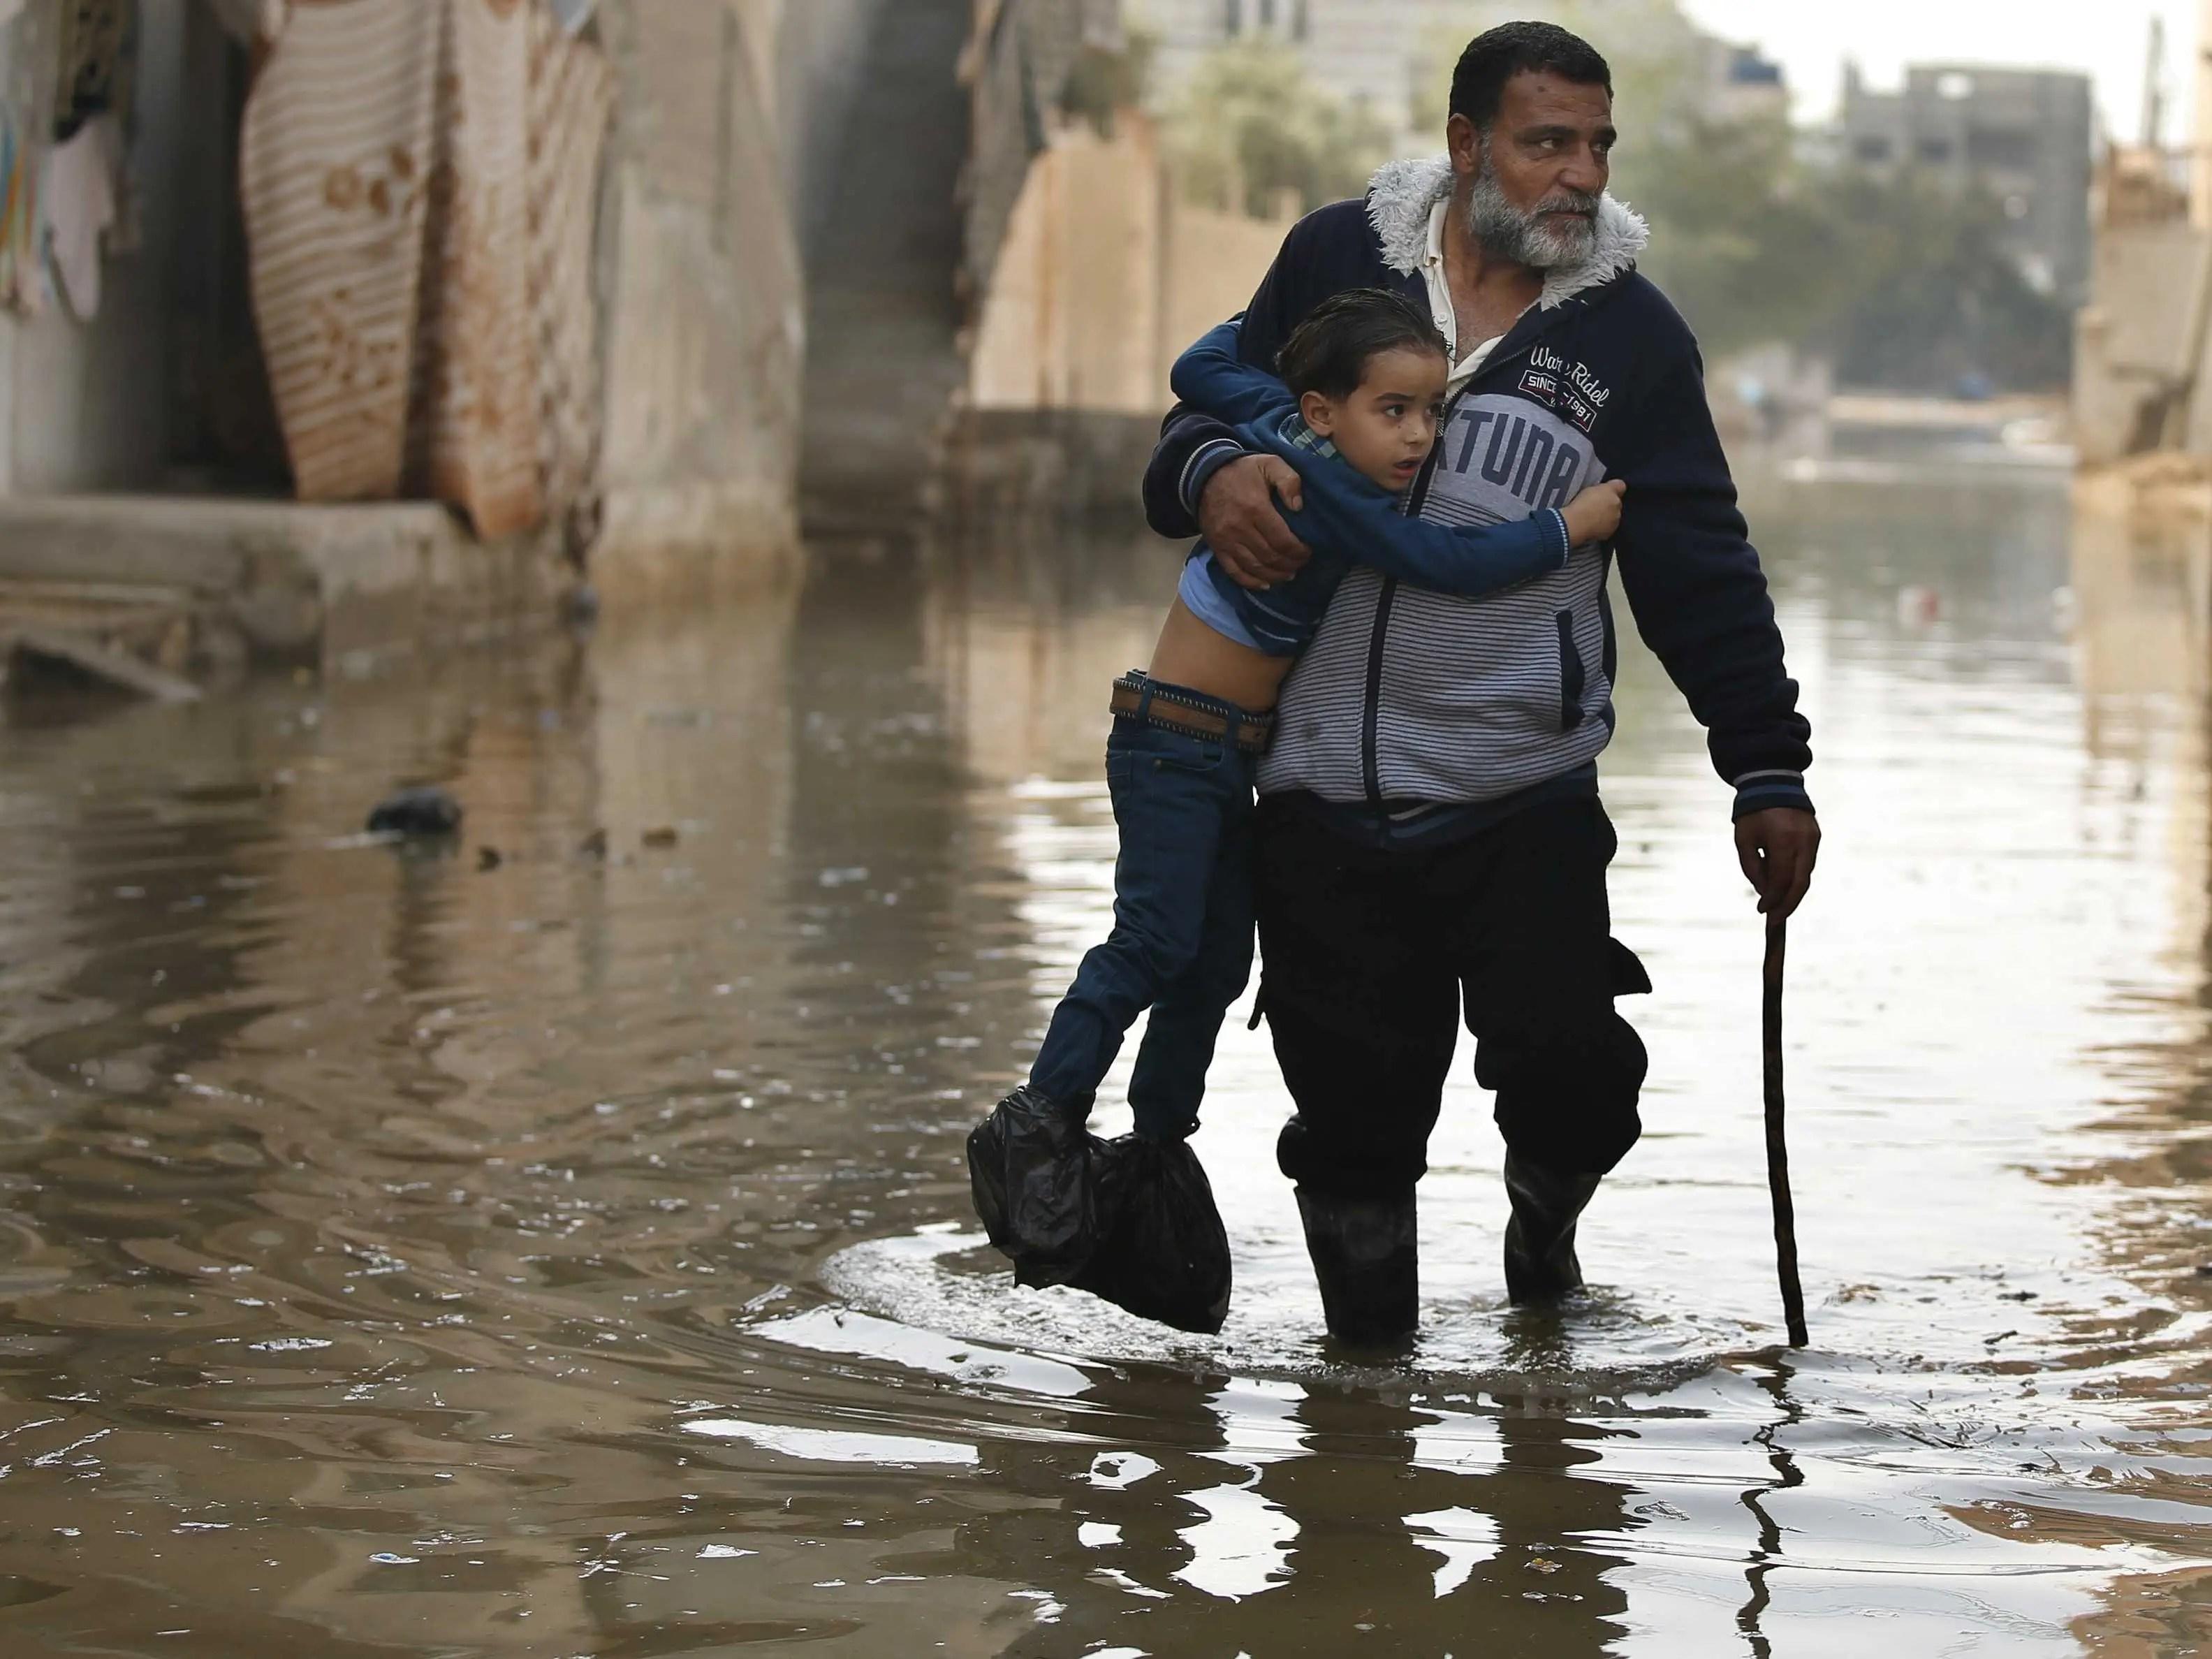 Mohammed Salem, Reuters